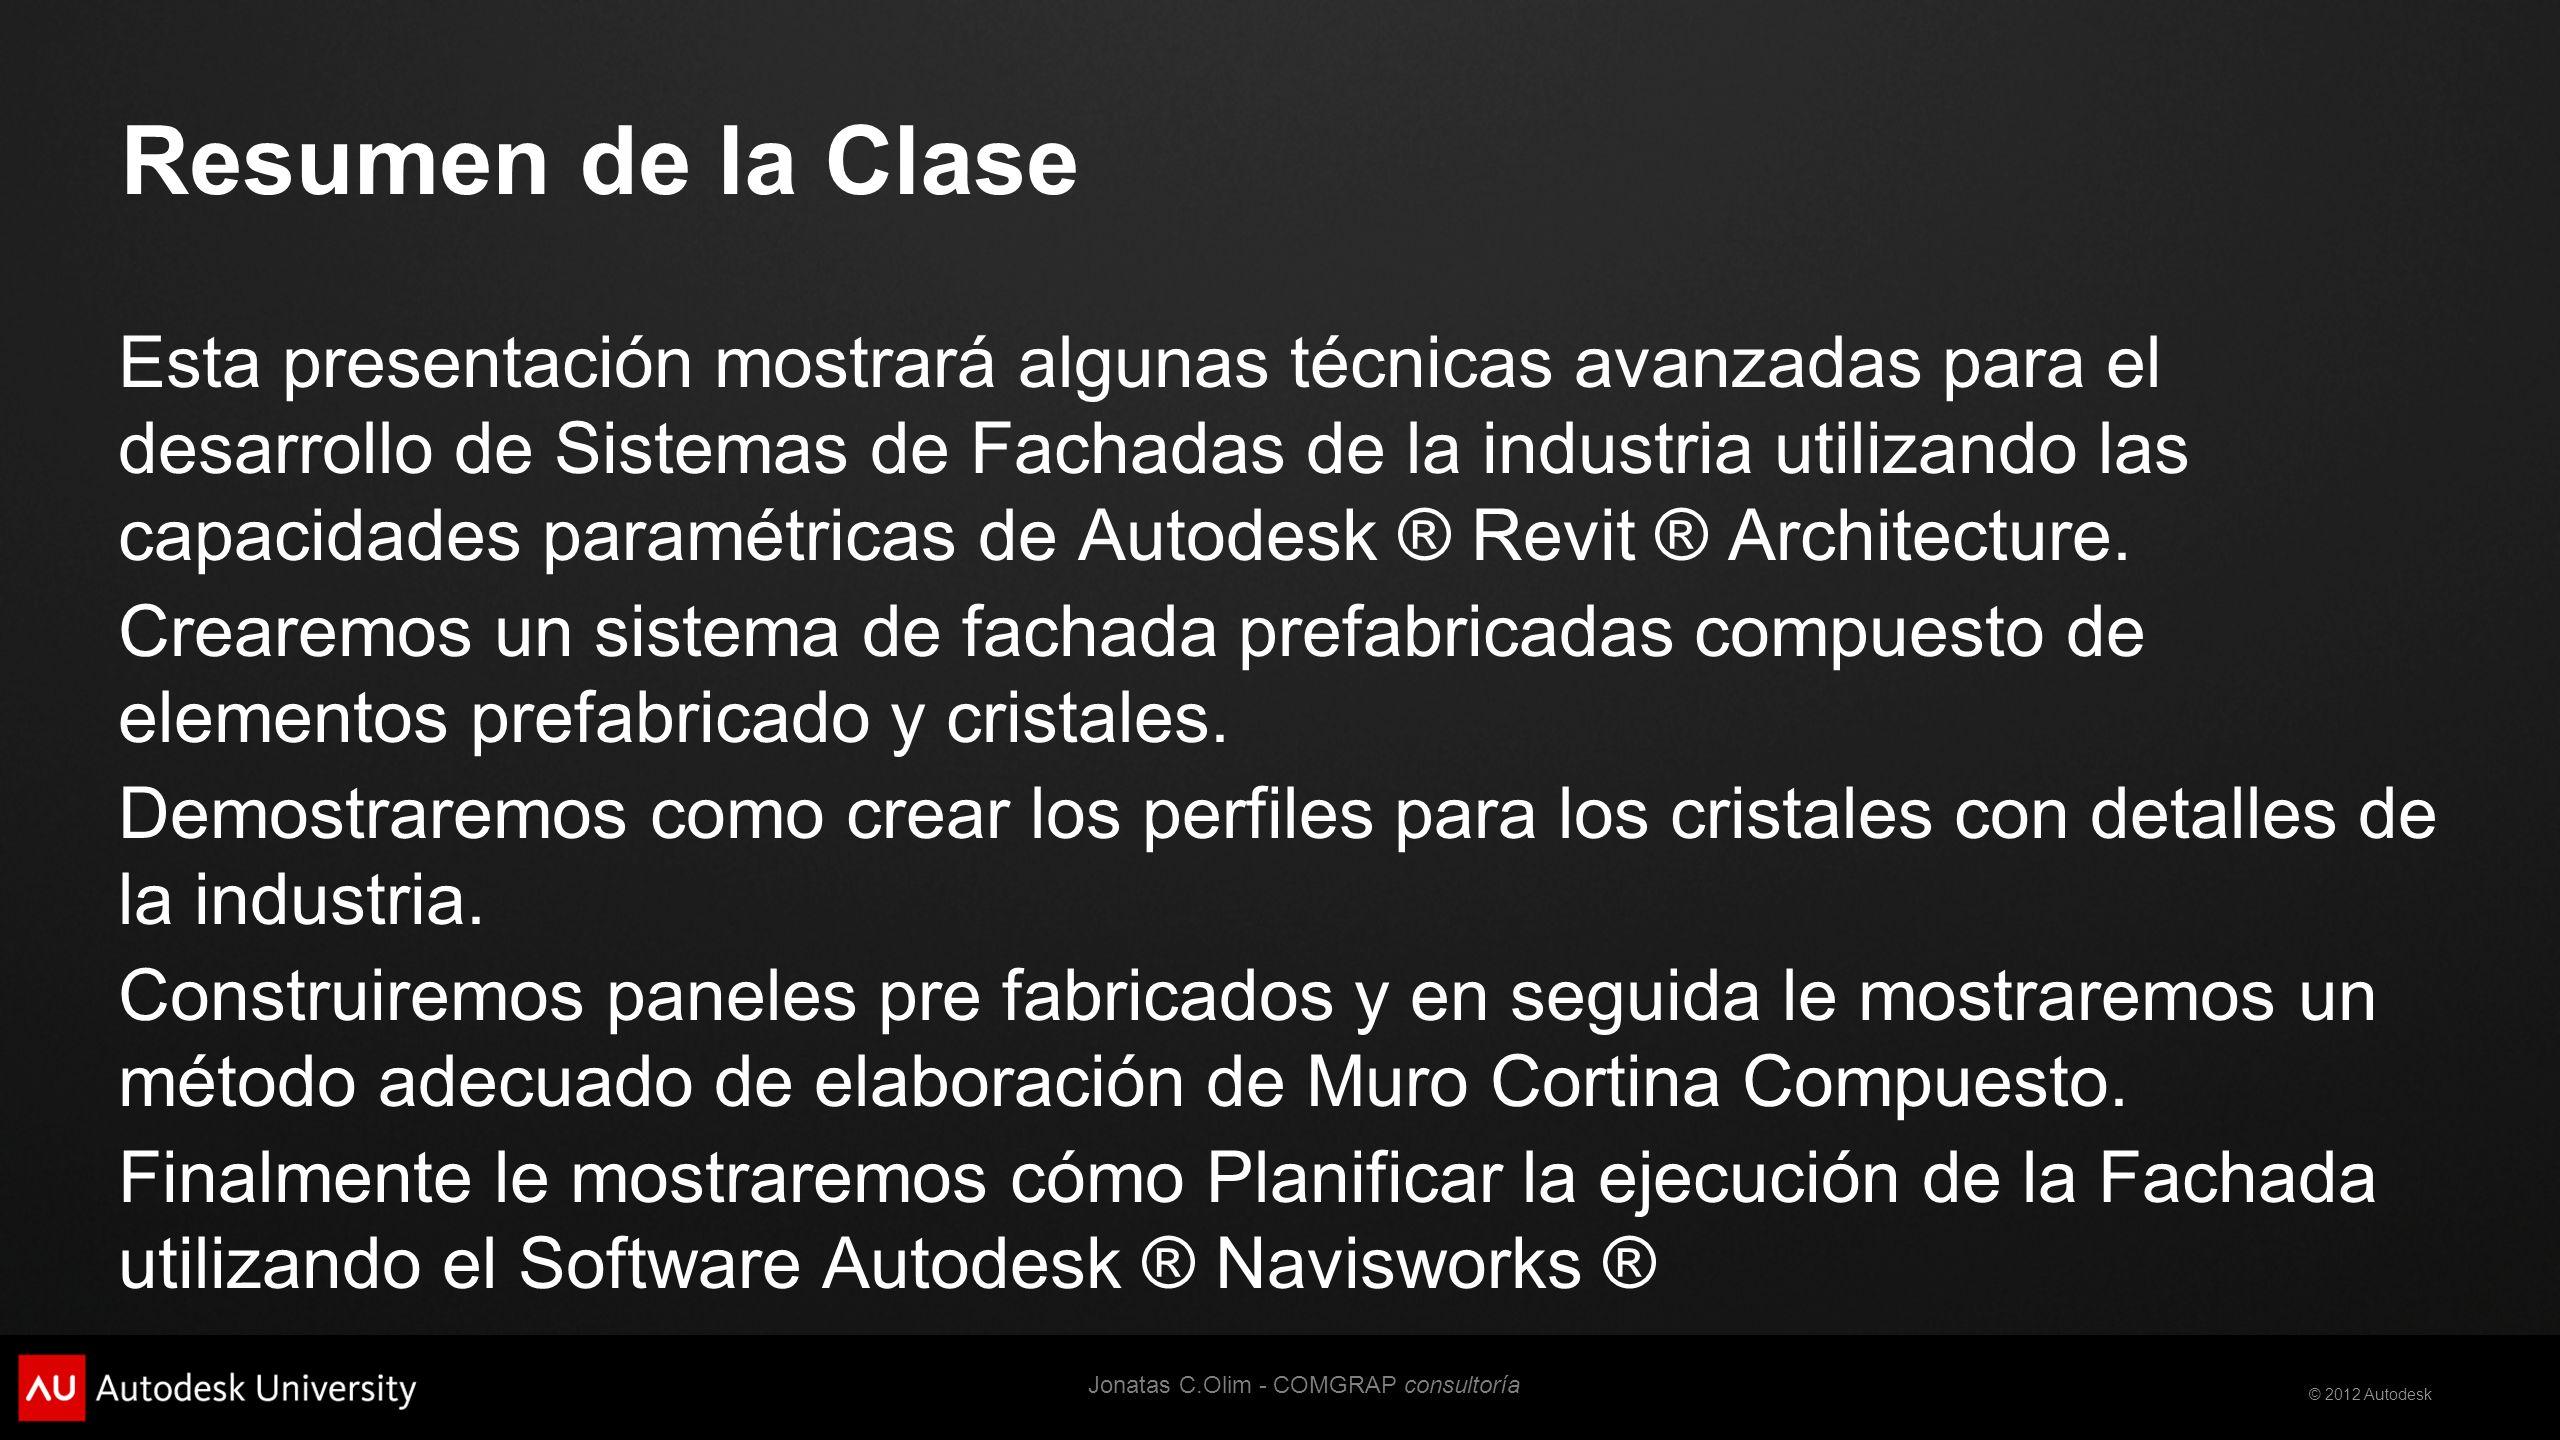 © 2012 Autodesk Resumen de la Clase Esta presentación mostrará algunas técnicas avanzadas para el desarrollo de Sistemas de Fachadas de la industria utilizando las capacidades paramétricas de Autodesk ® Revit ® Architecture.